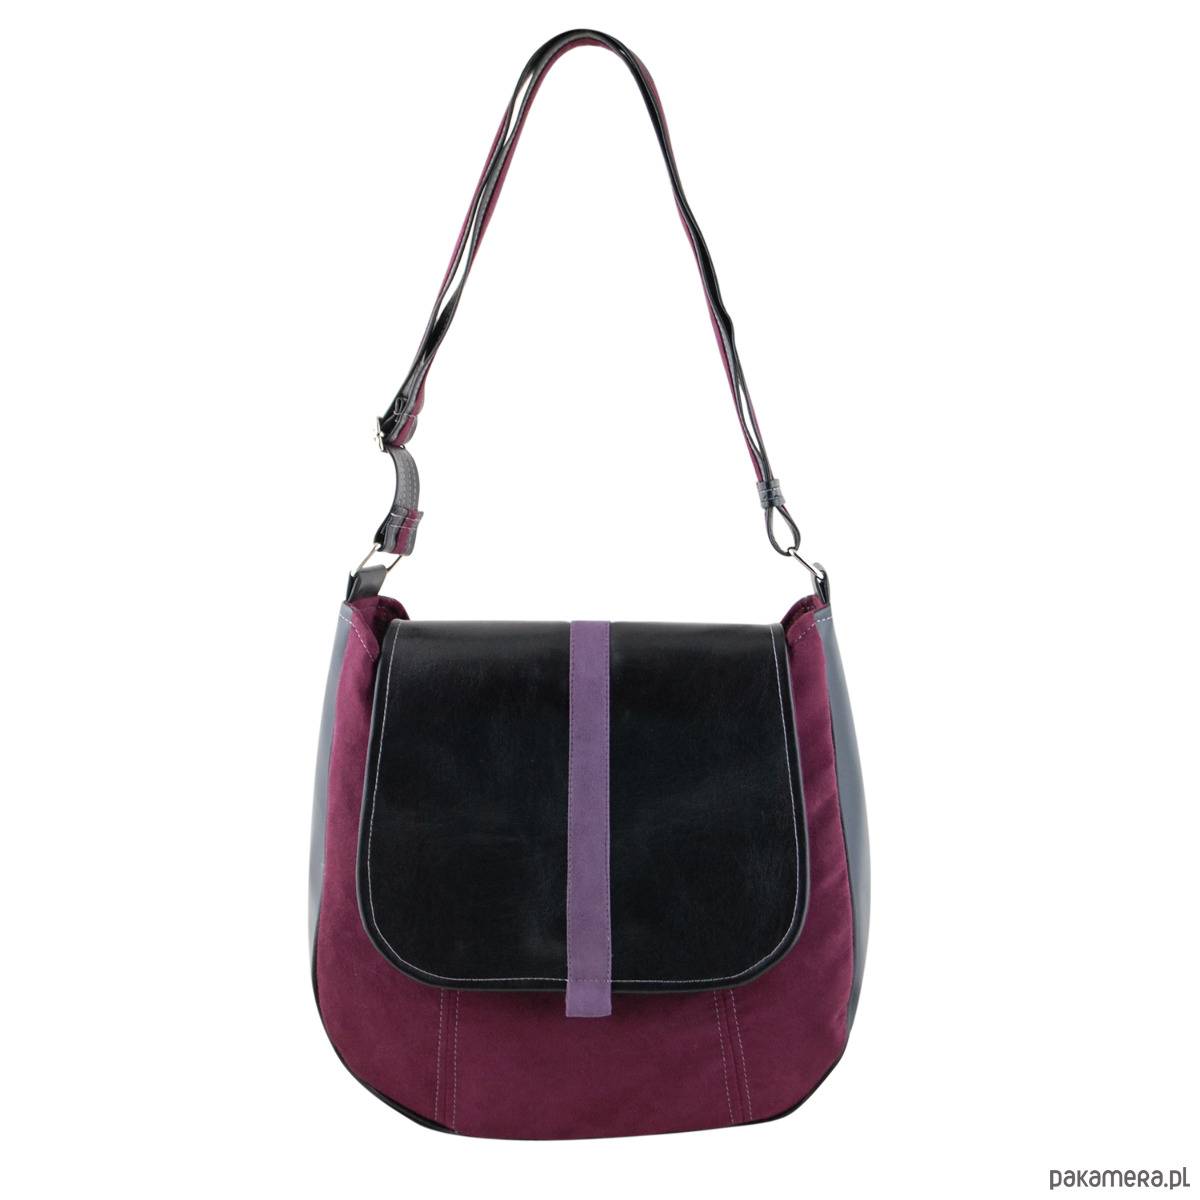 b4e3a634a4637 SASHKA - torebka na ramię - czerń i bordo - torby na ramię - damskie -  Pakamera.pl